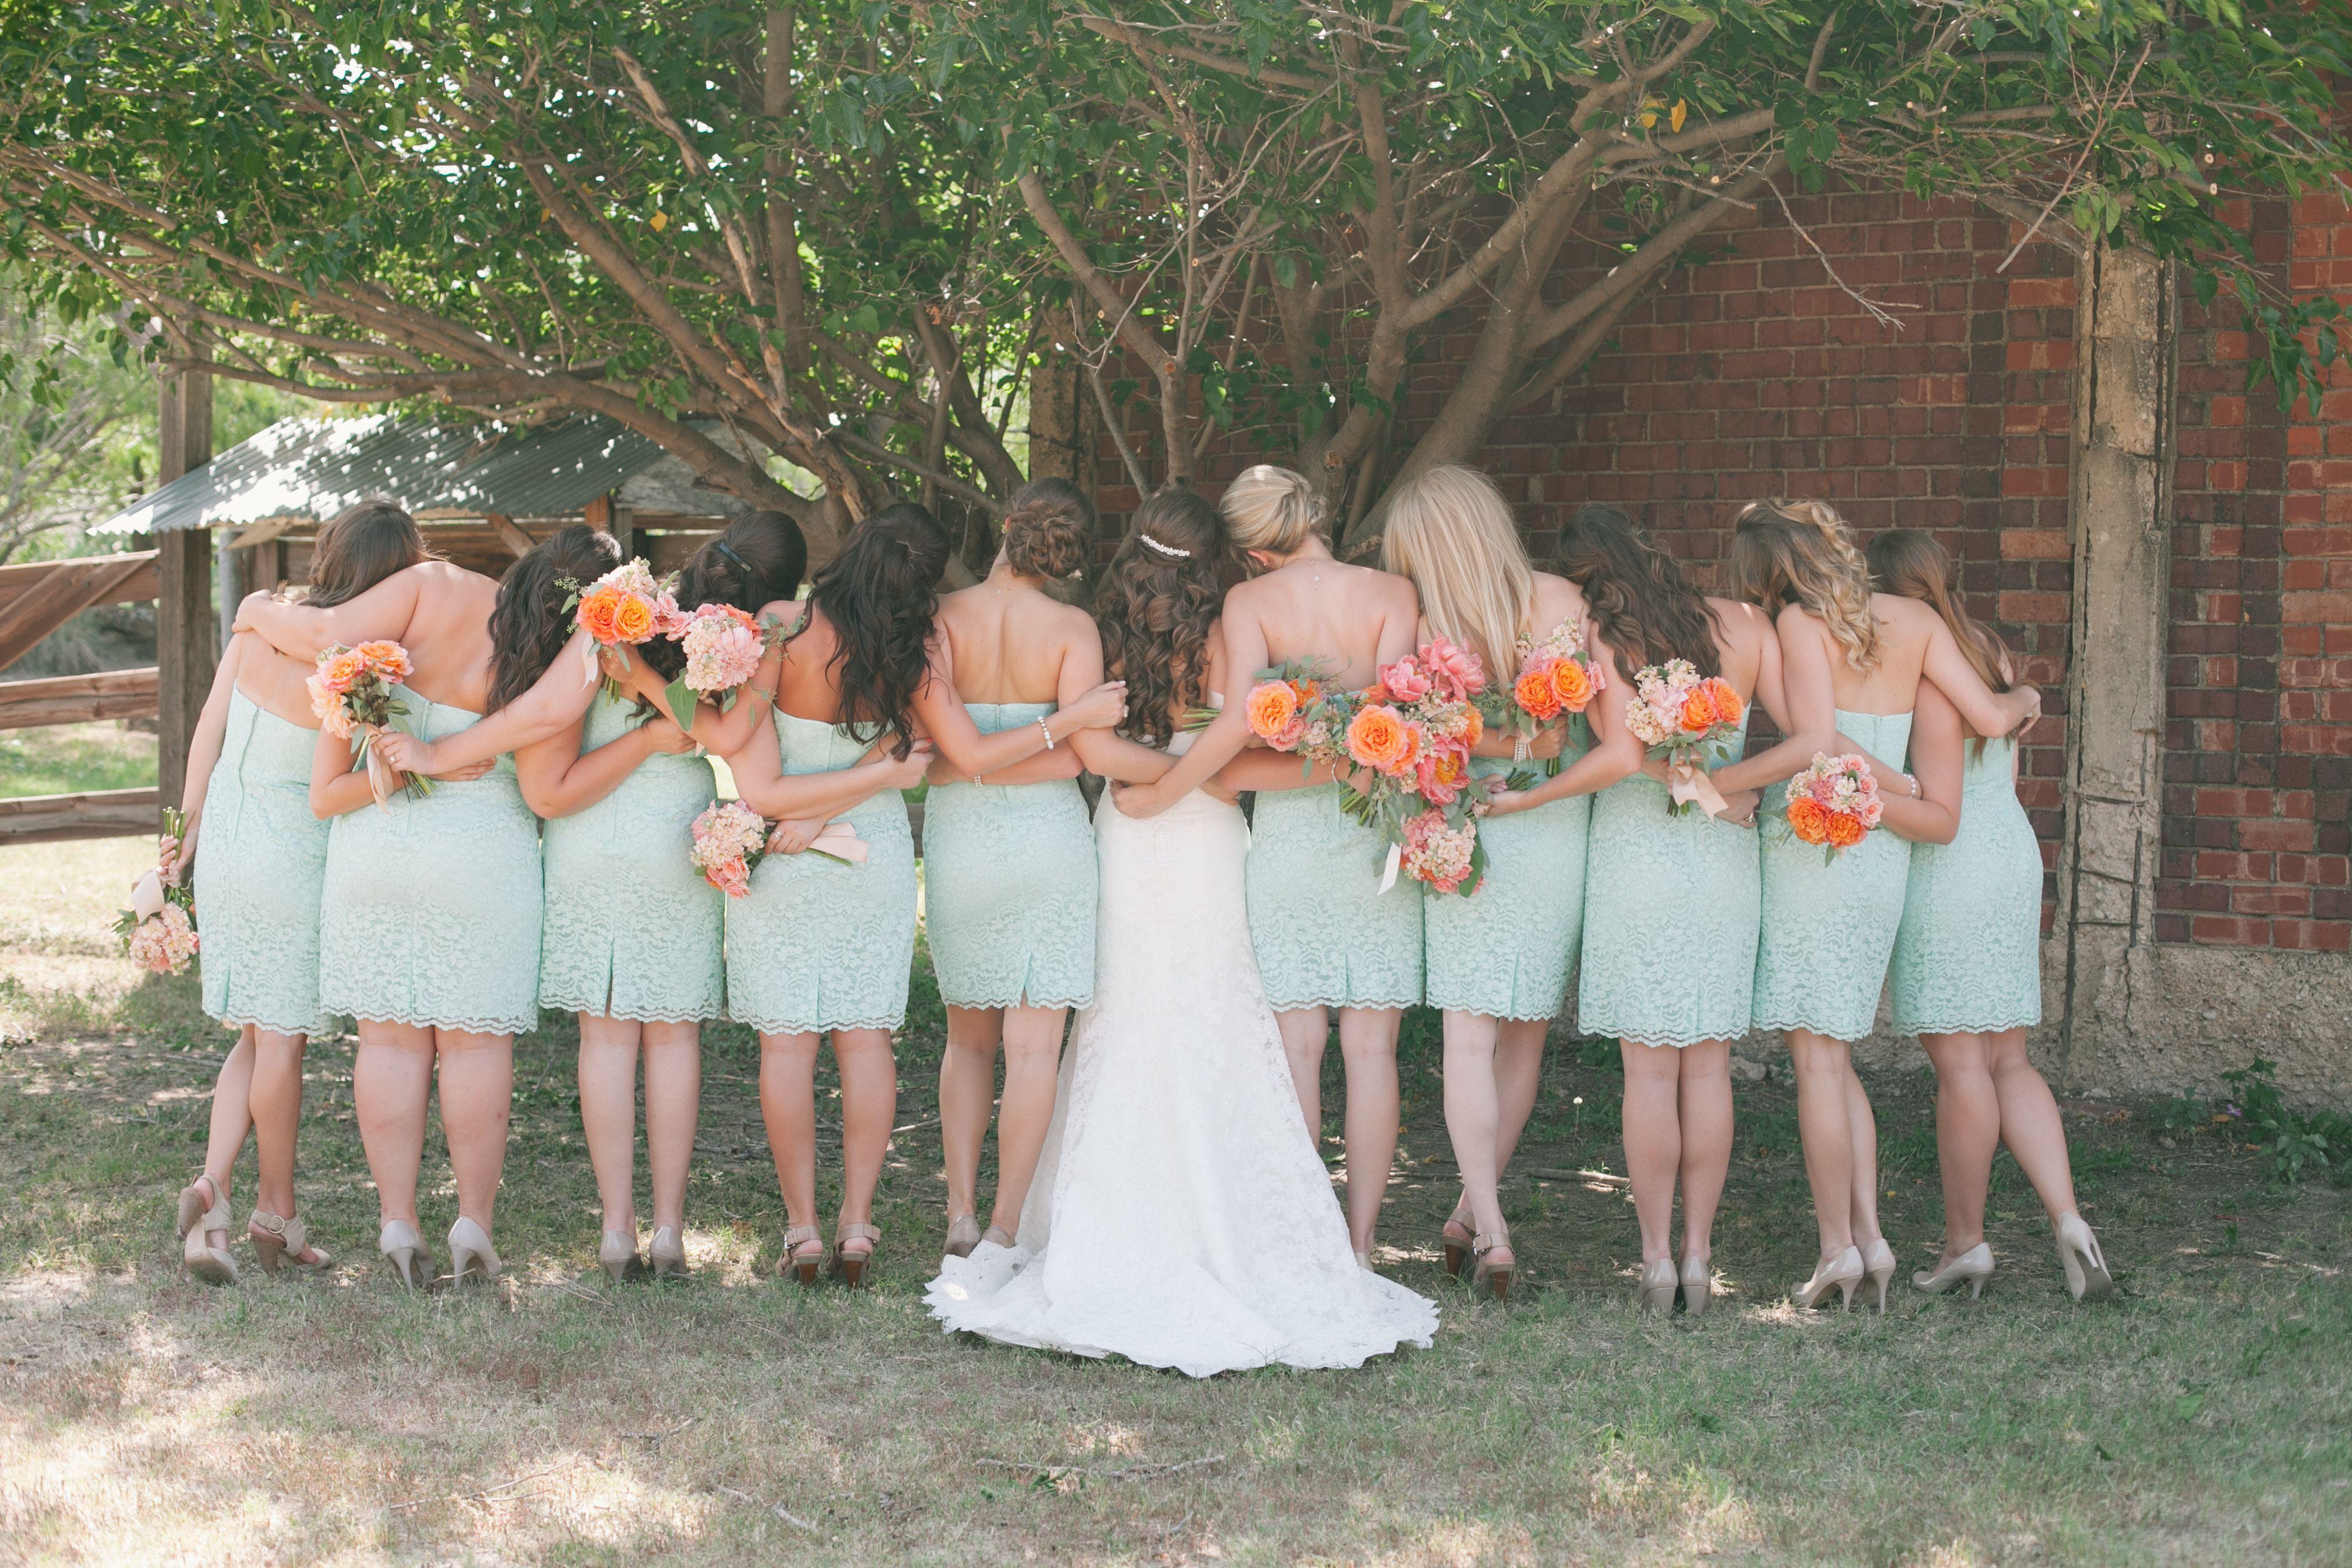 River Ranch Stockyards Texas Wedding Venue Rustic